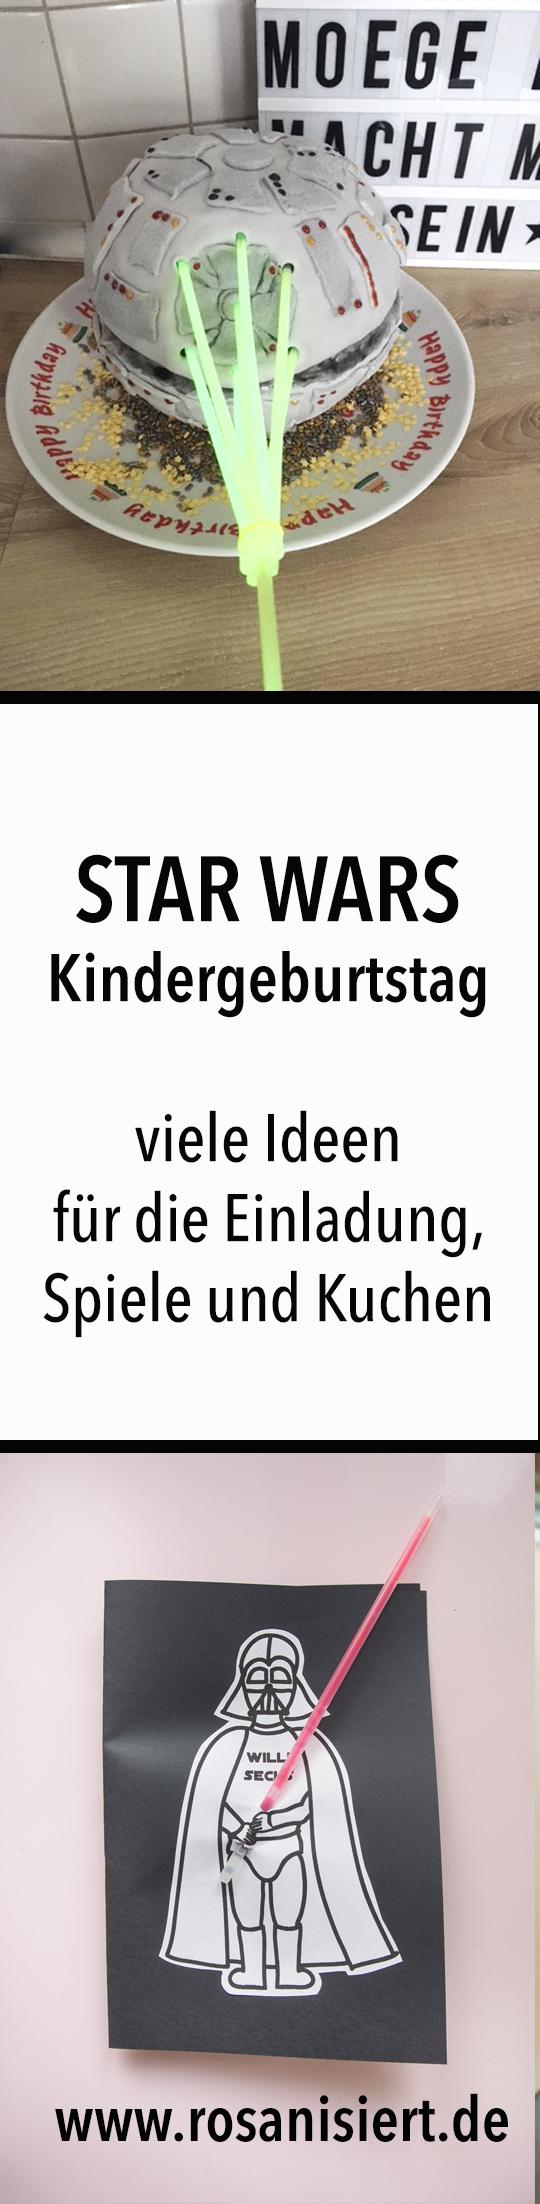 Die Star Wars Party - Unsere Geburtstagsfeier mit Ferrero kinder ...